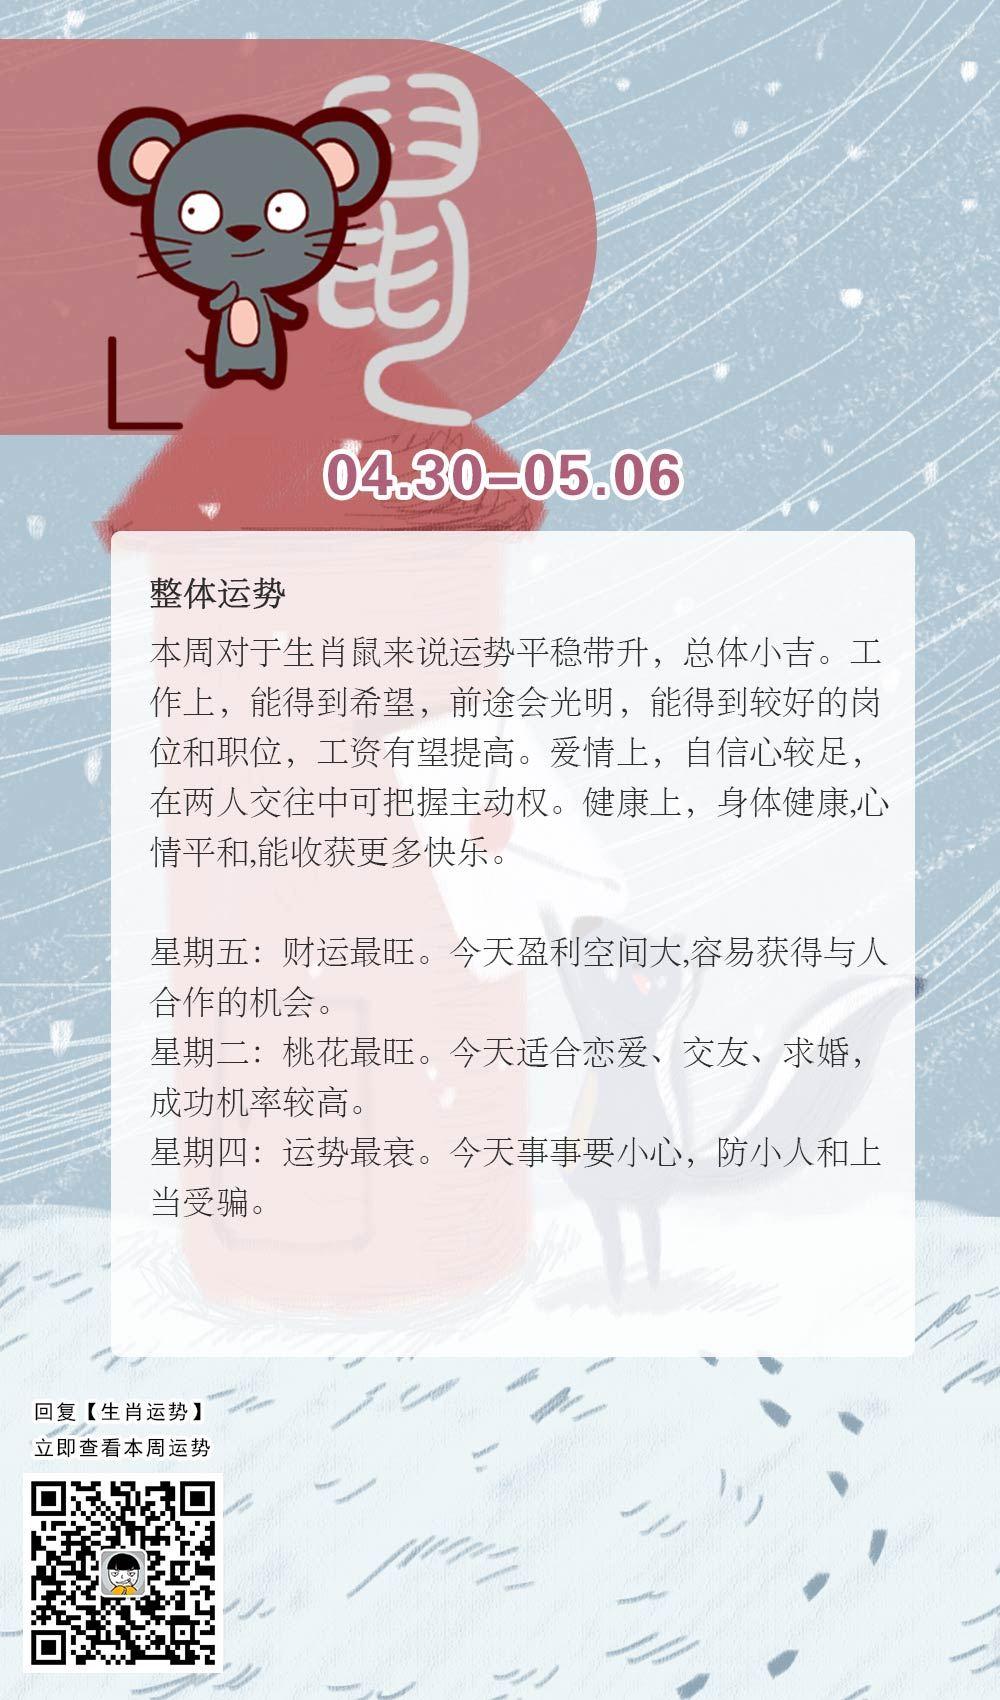 生肖鼠本周运势【2018.04.30-05.06】